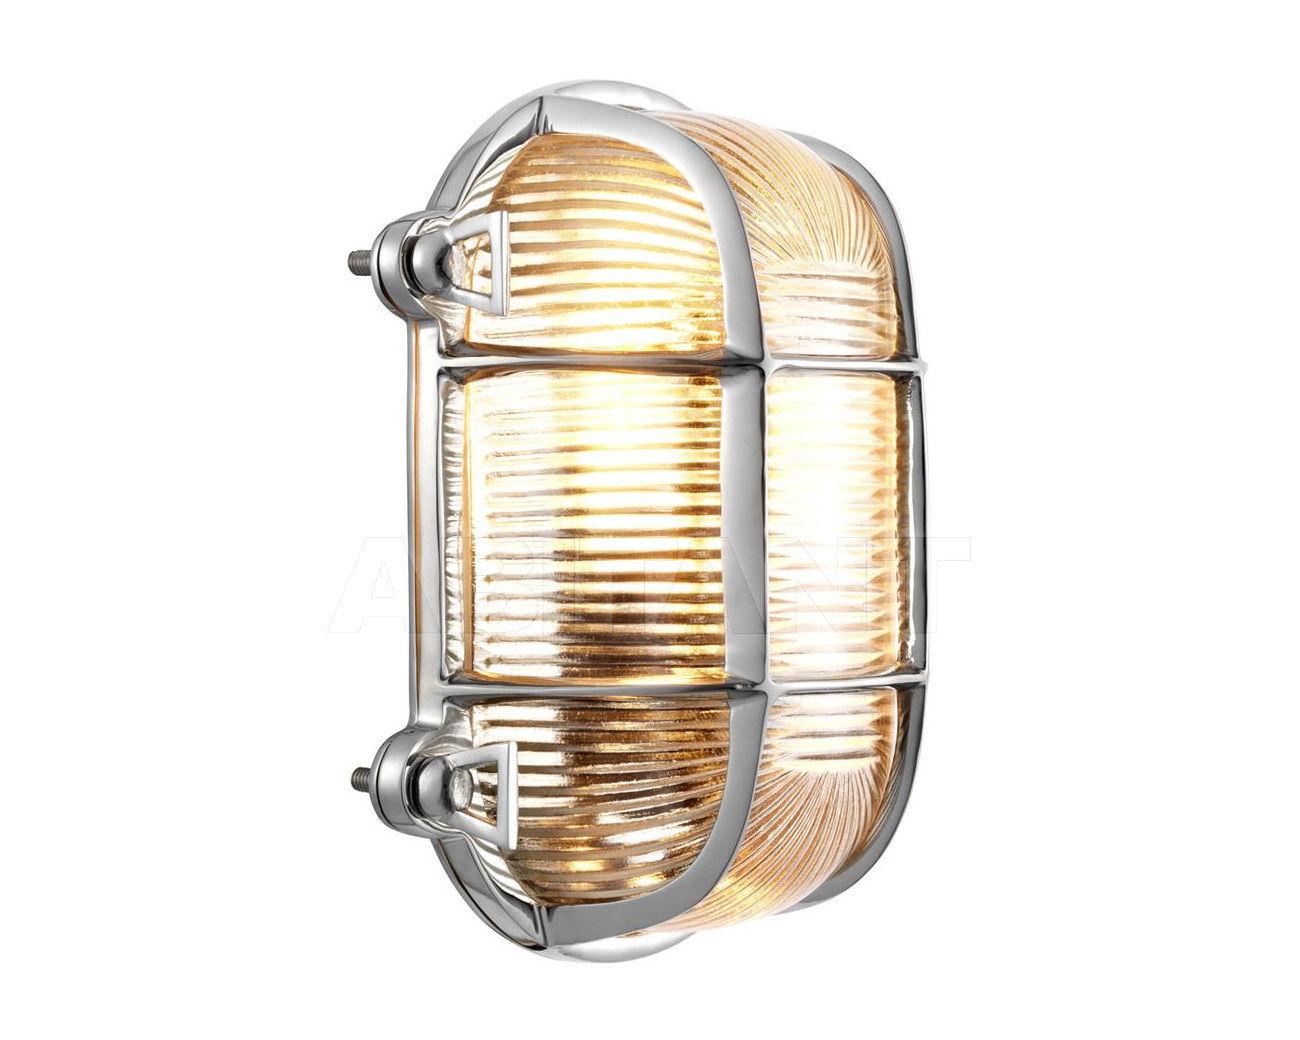 Купить Светильник настенный Aqua L Eichholtz  Lighting 105801